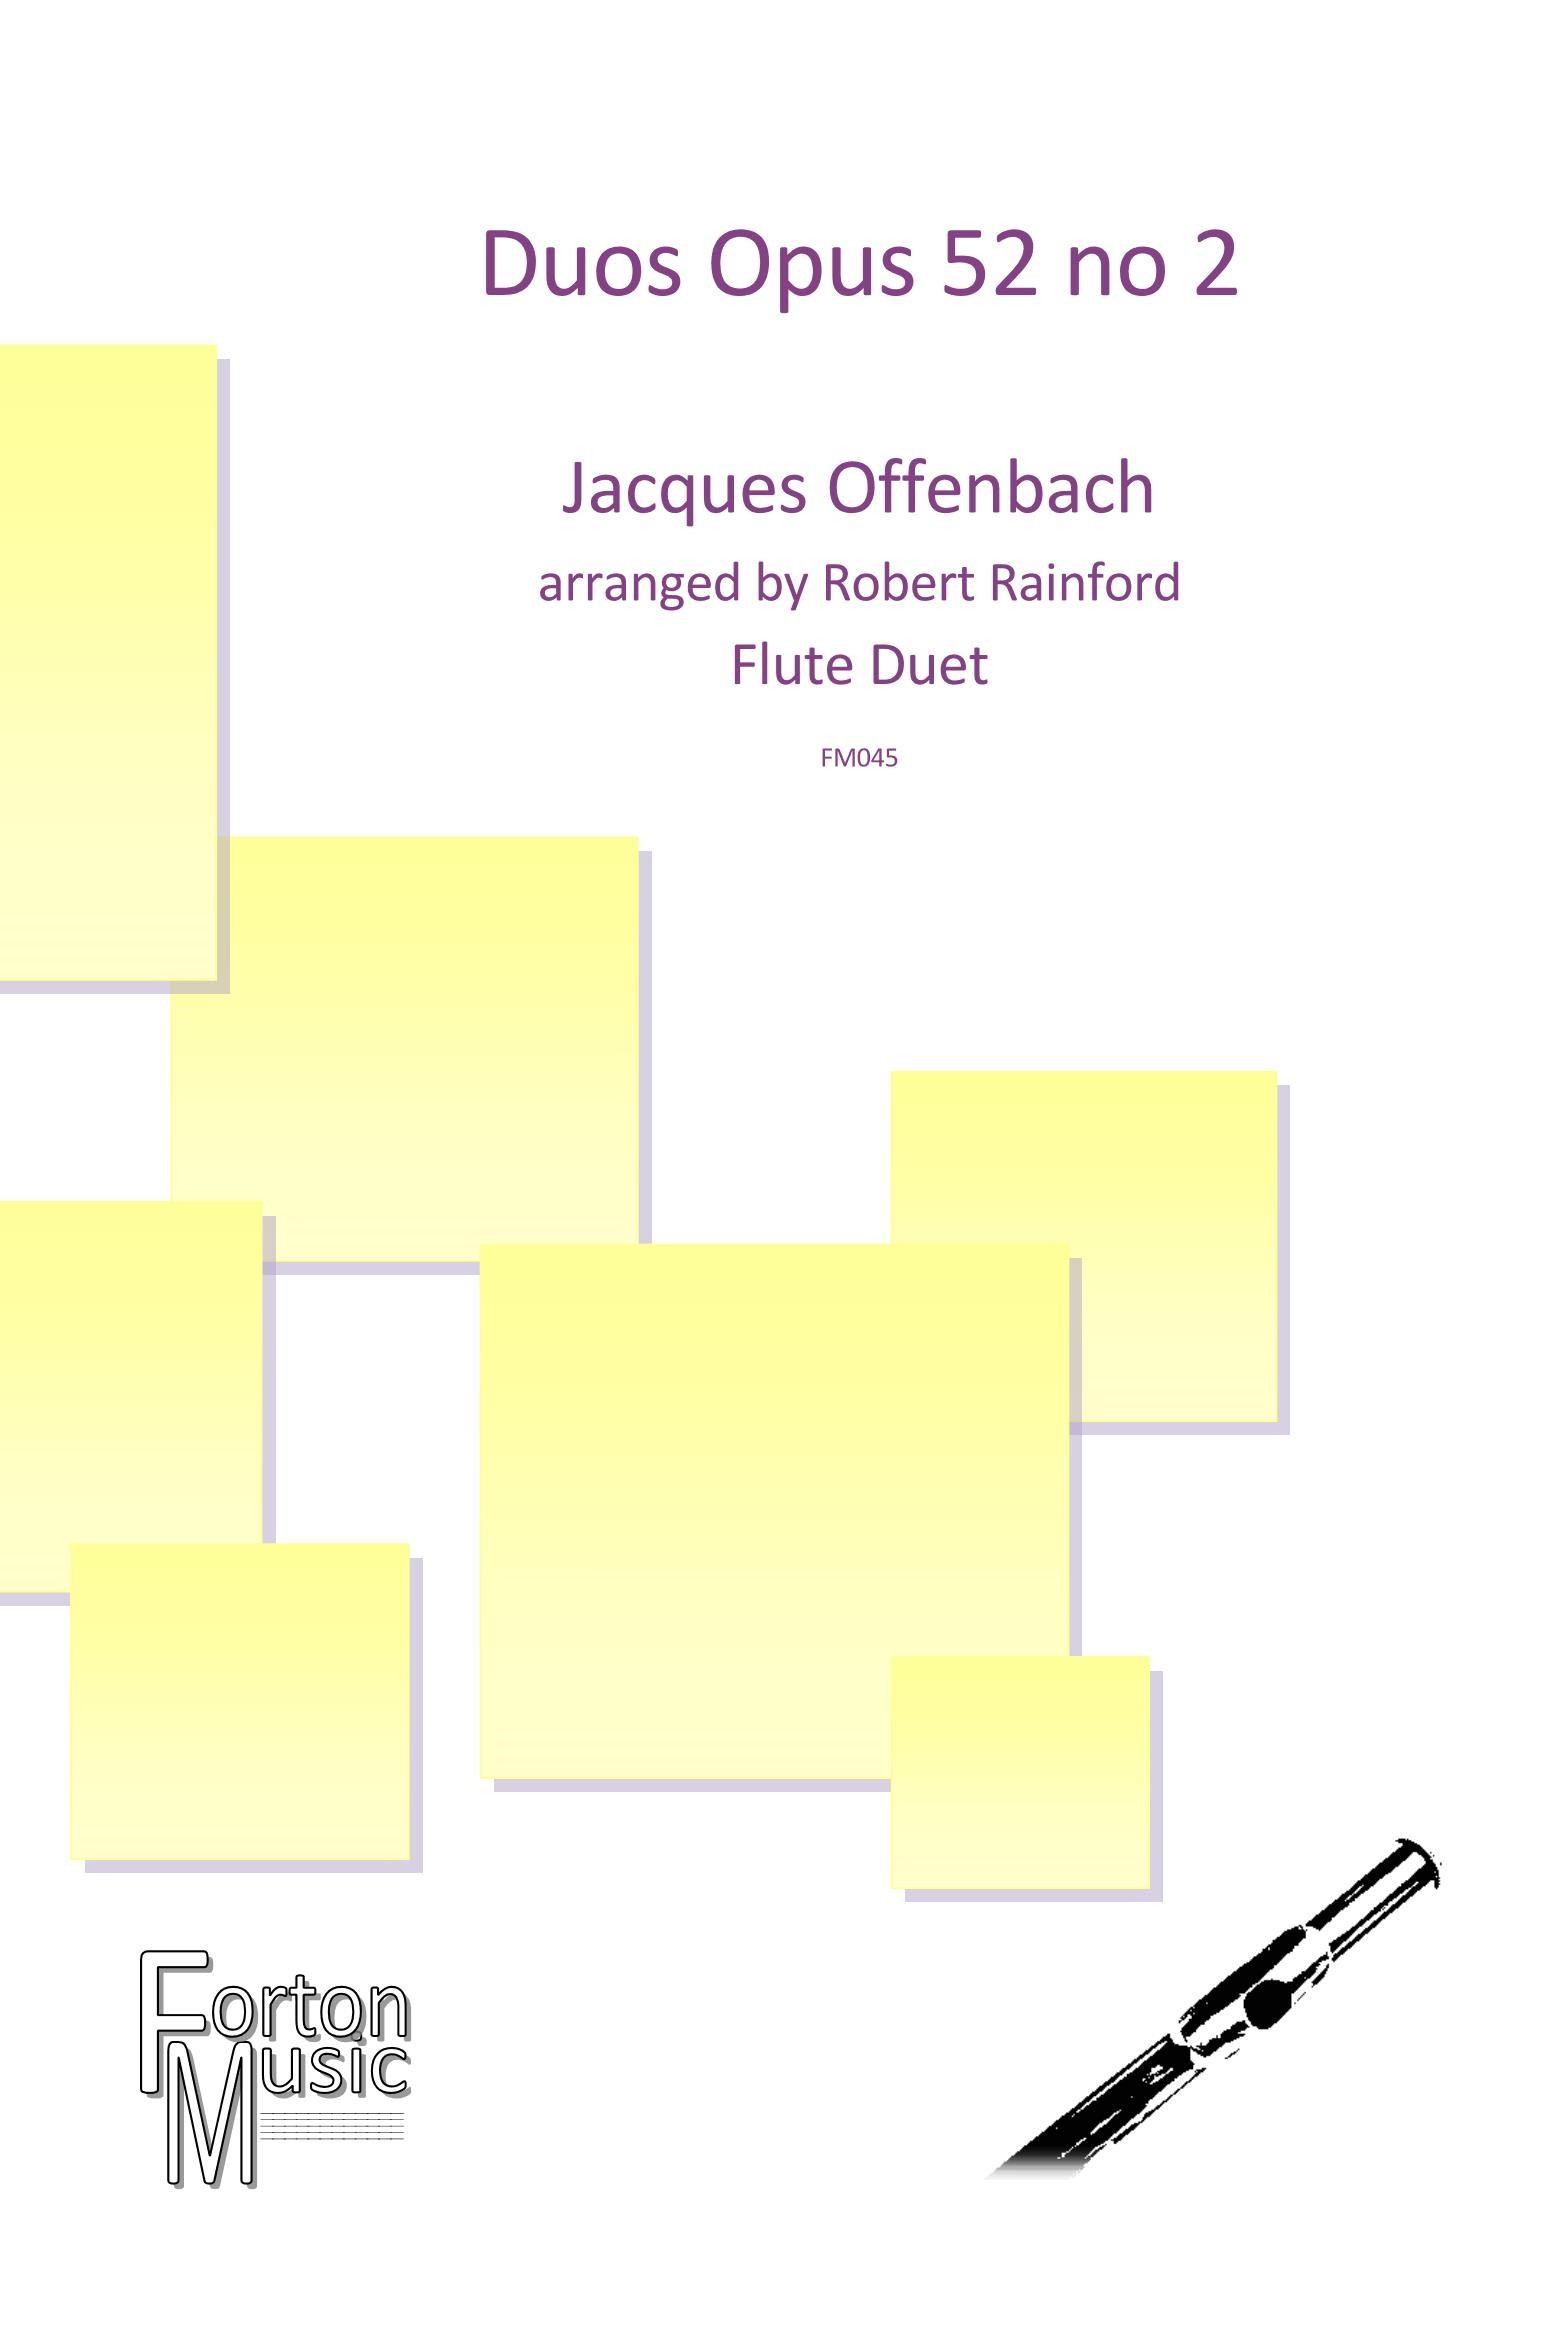 Duos Opus 52 no 2